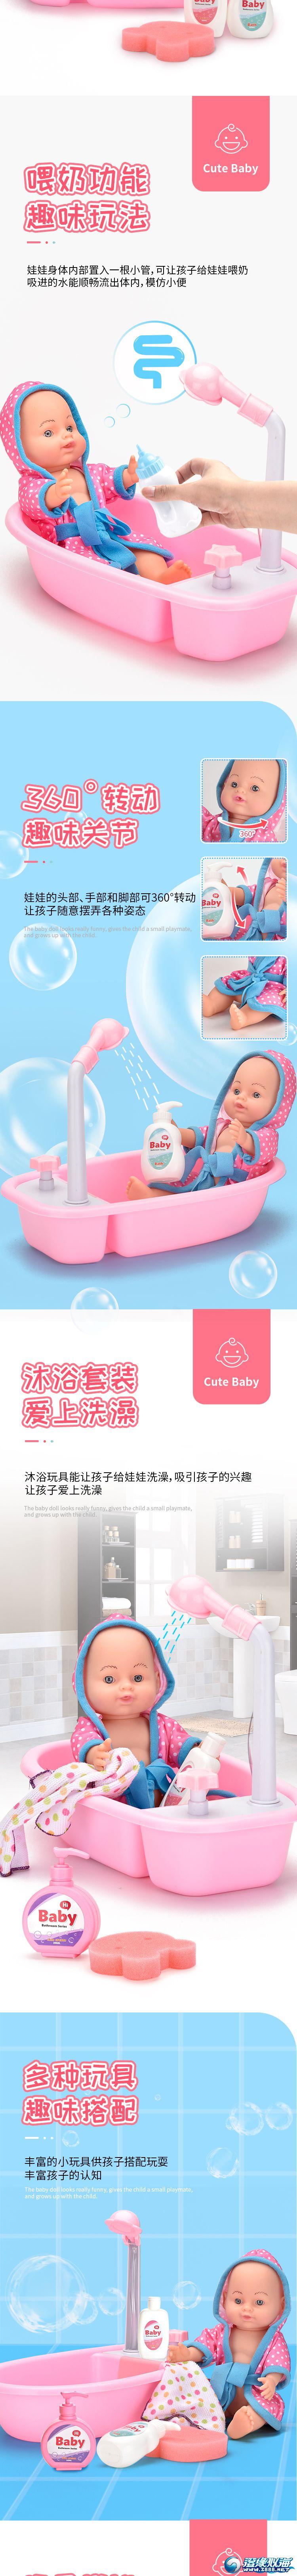 盛达玩具厂-(0912SW-2)-婴儿浴室套装-中文详情页_02.jpg